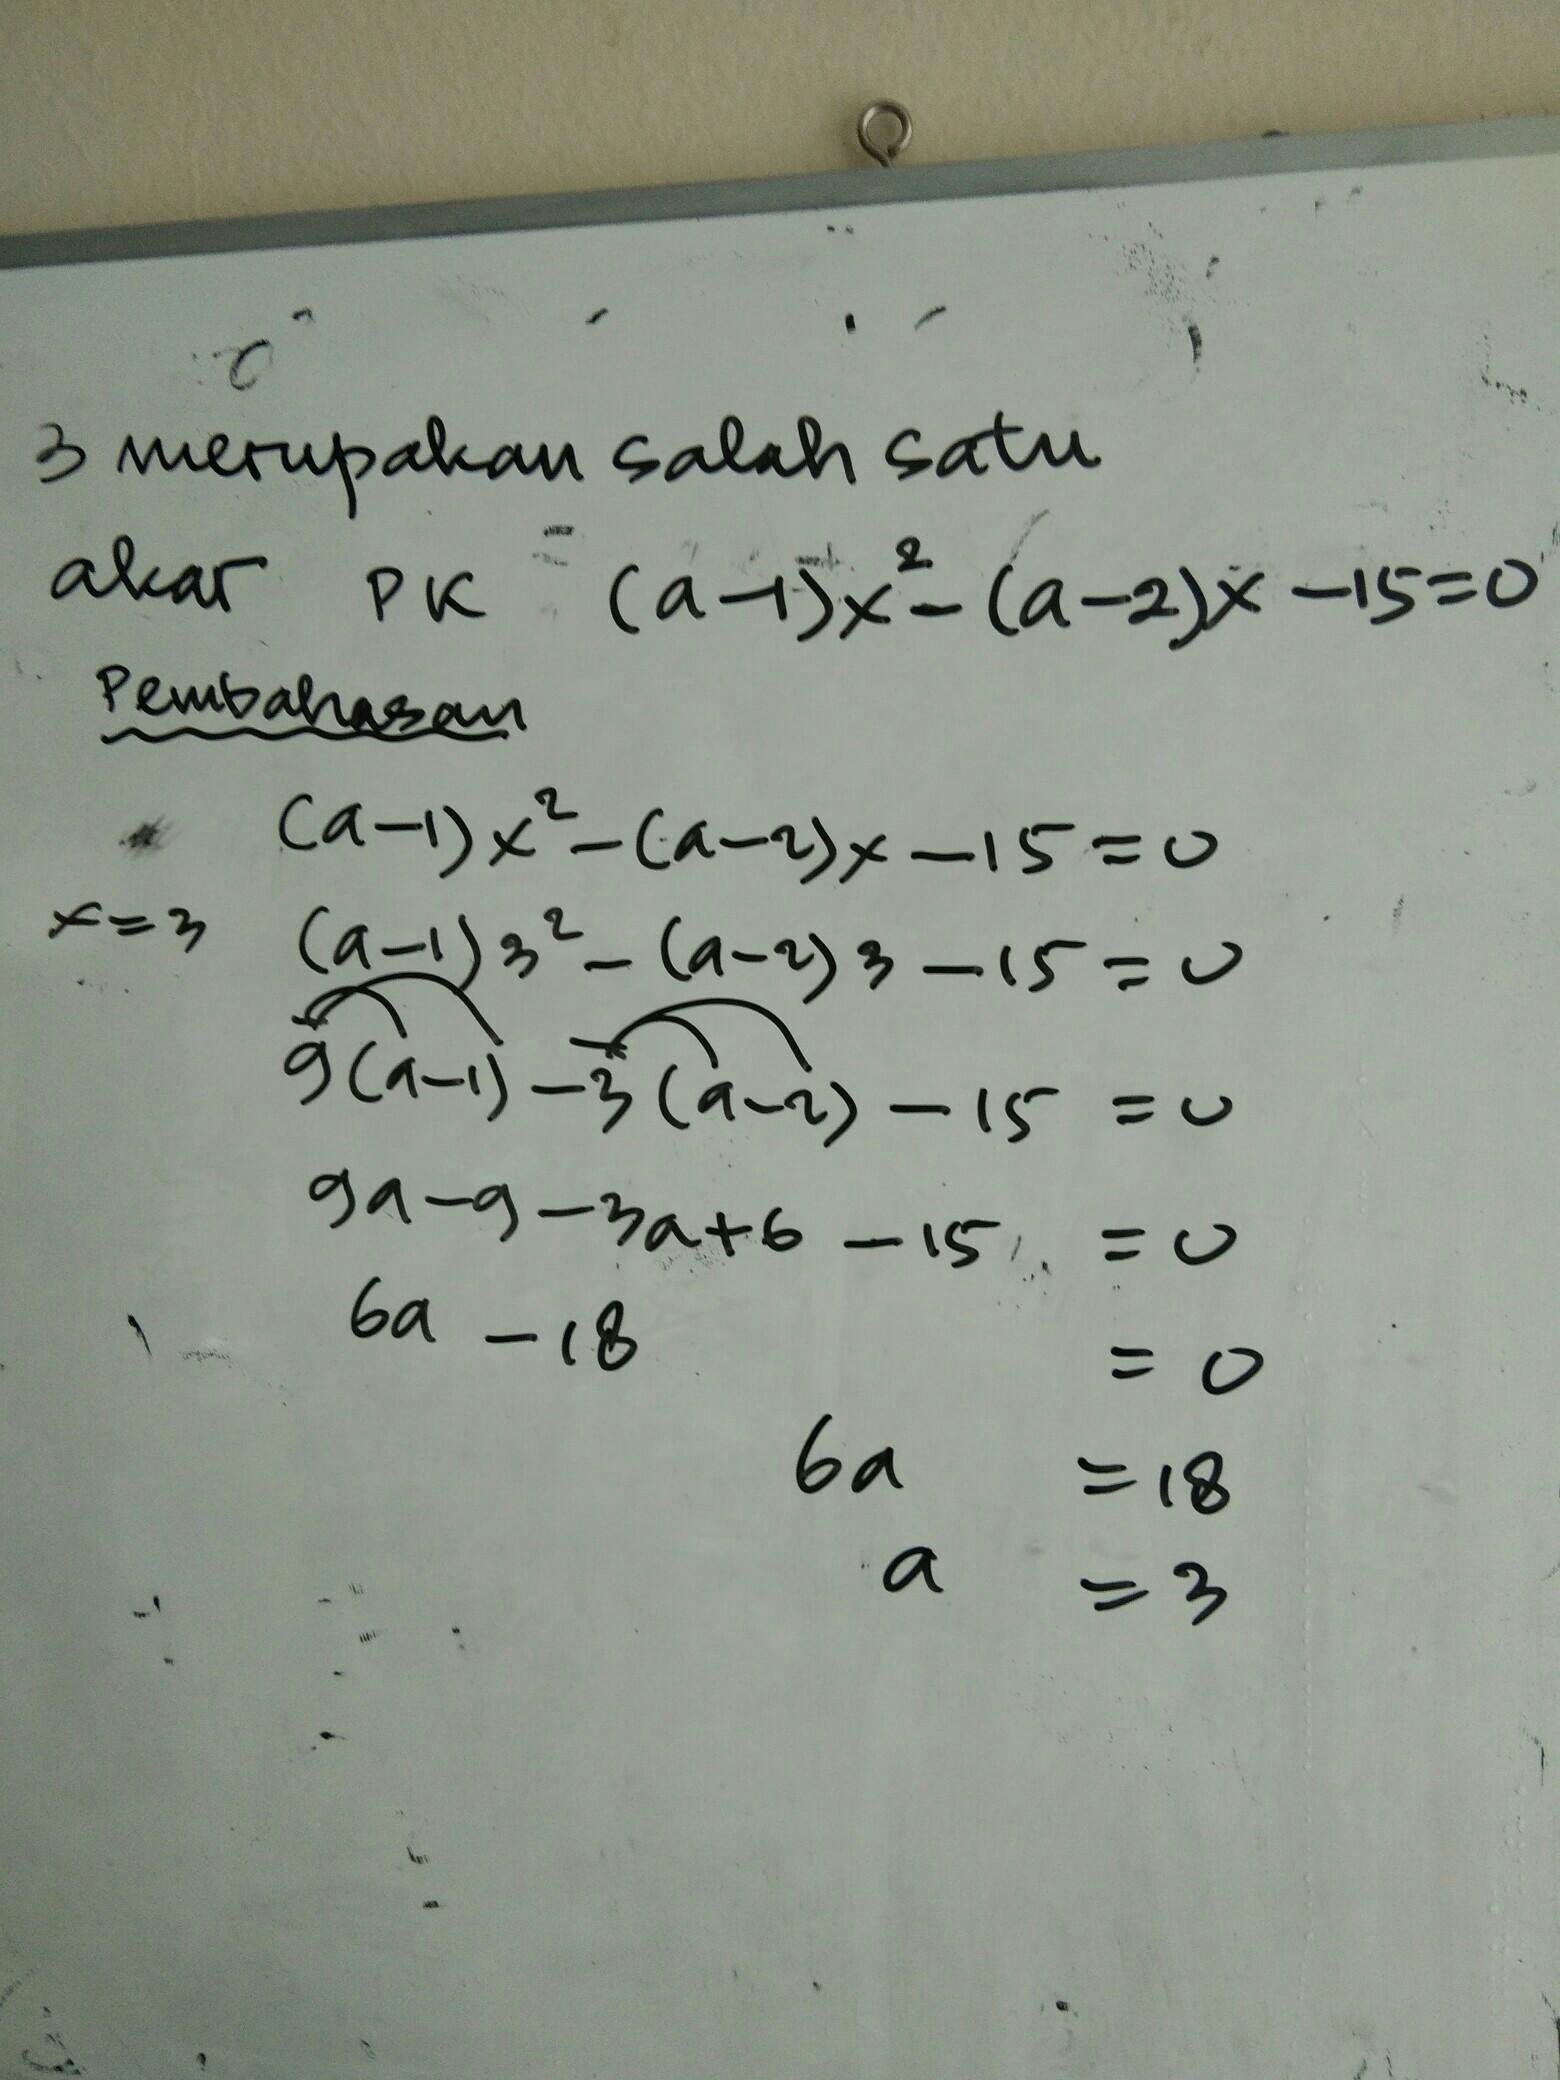 Salah Satu Akar Persamaan Kuadrat : salah, persamaan, kuadrat, Diketahui, Adalah, Salah, Persamaan, Kuadrat, (a-1)x2-(a-2)x-15=0.Nilai, Memenuhi, Brainly.co.id